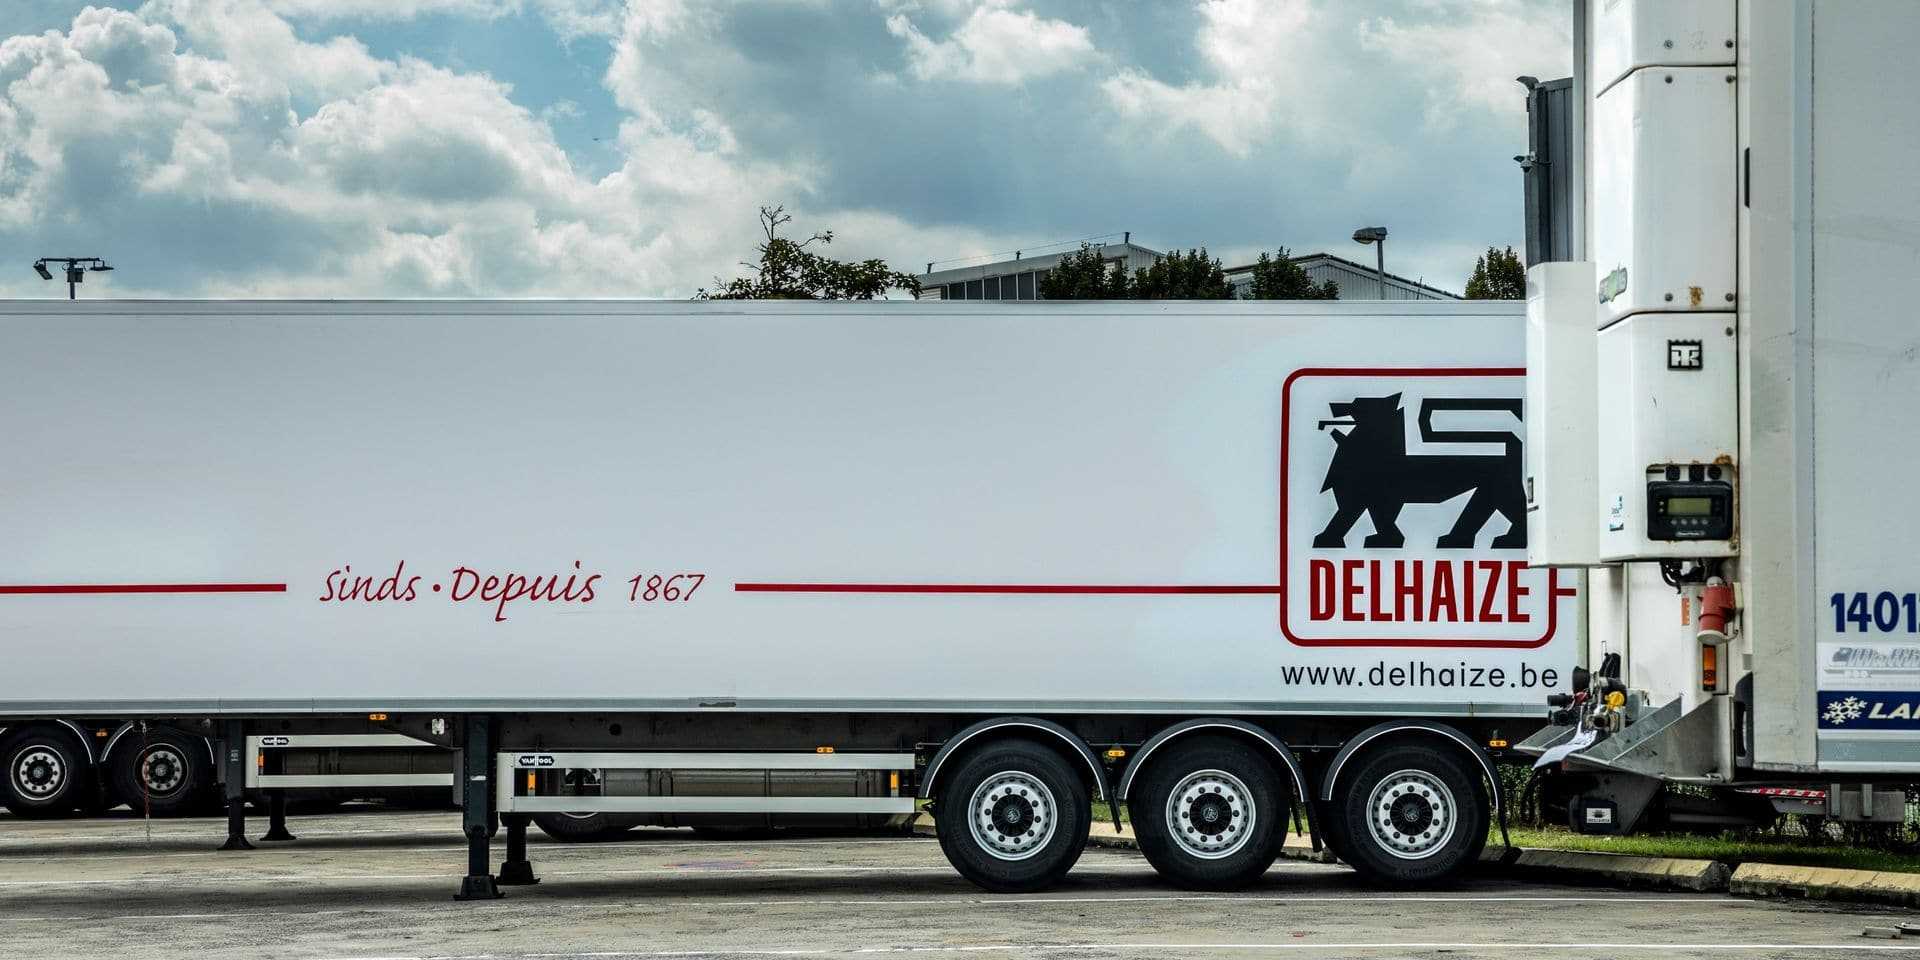 Intempéries: Delhaize fait un don d'un million d'euros à la Croix-Rouge pour les sinistrés